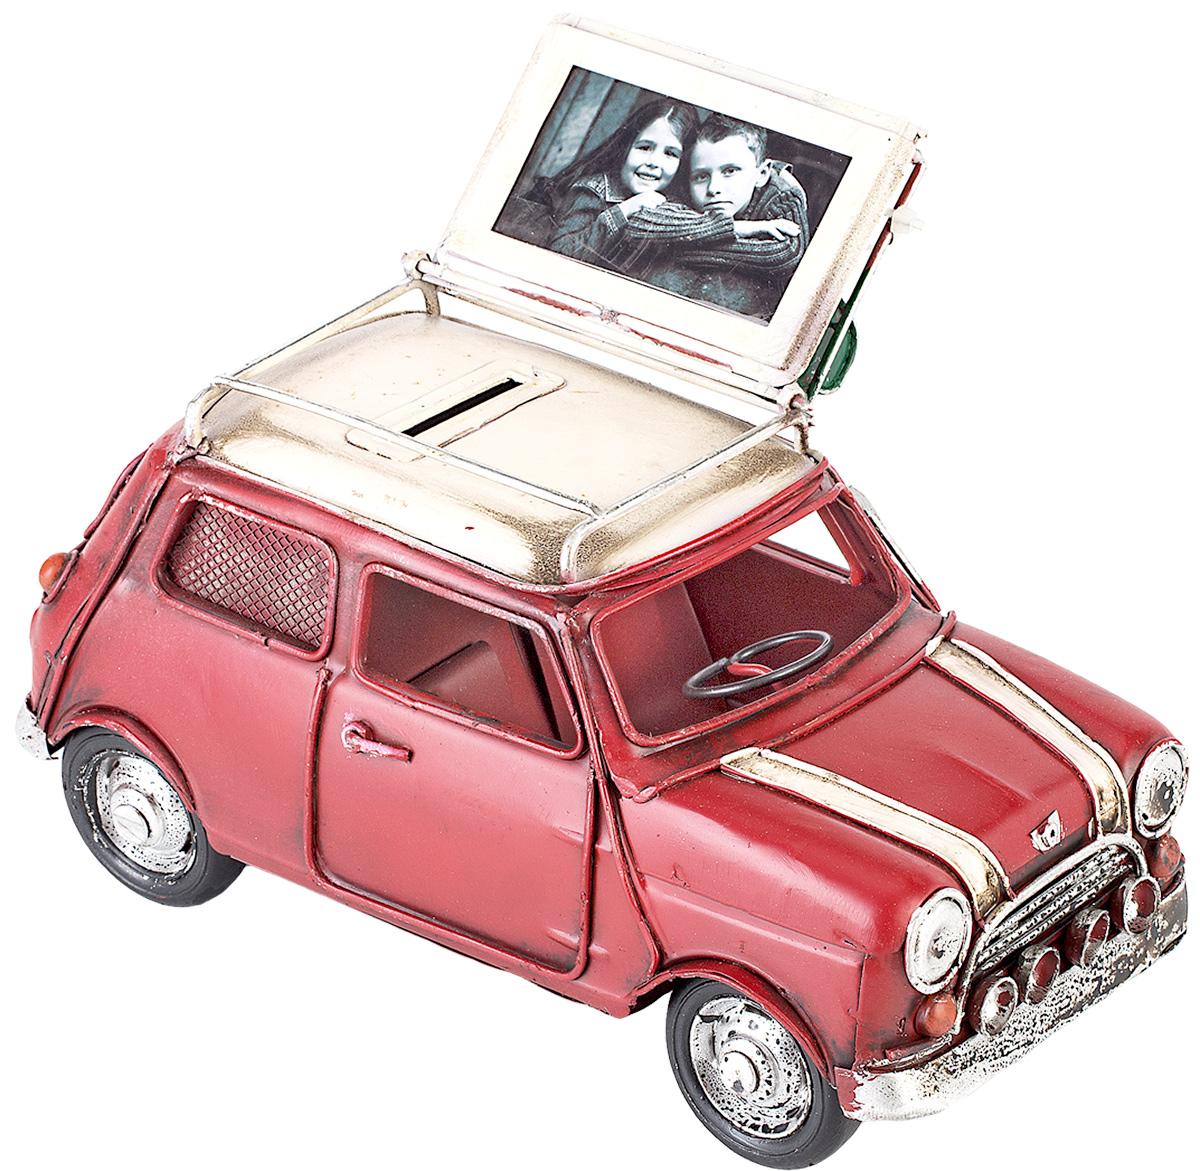 Модель Platinum Автомобиль, с фоторамкой и копилкой. 1404E-43441404E-4344Модель Platinum Автомобиль, выполненная из металла, станет оригинальным украшением интерьера. Вы можете поставить модель ретро- автомобиля в любом месте, где она будет удачно смотреться. Изделие дополнено копилкой и фоторамкой, куда вы можете вставить вашу любимую фотографию. Качество исполнения, точные детали и оригинальный дизайн выделяют эту модель среди ряда подобных. Модель займет достойное место в вашей коллекции, а также приятно удивит получателя в качестве стильного сувенира.